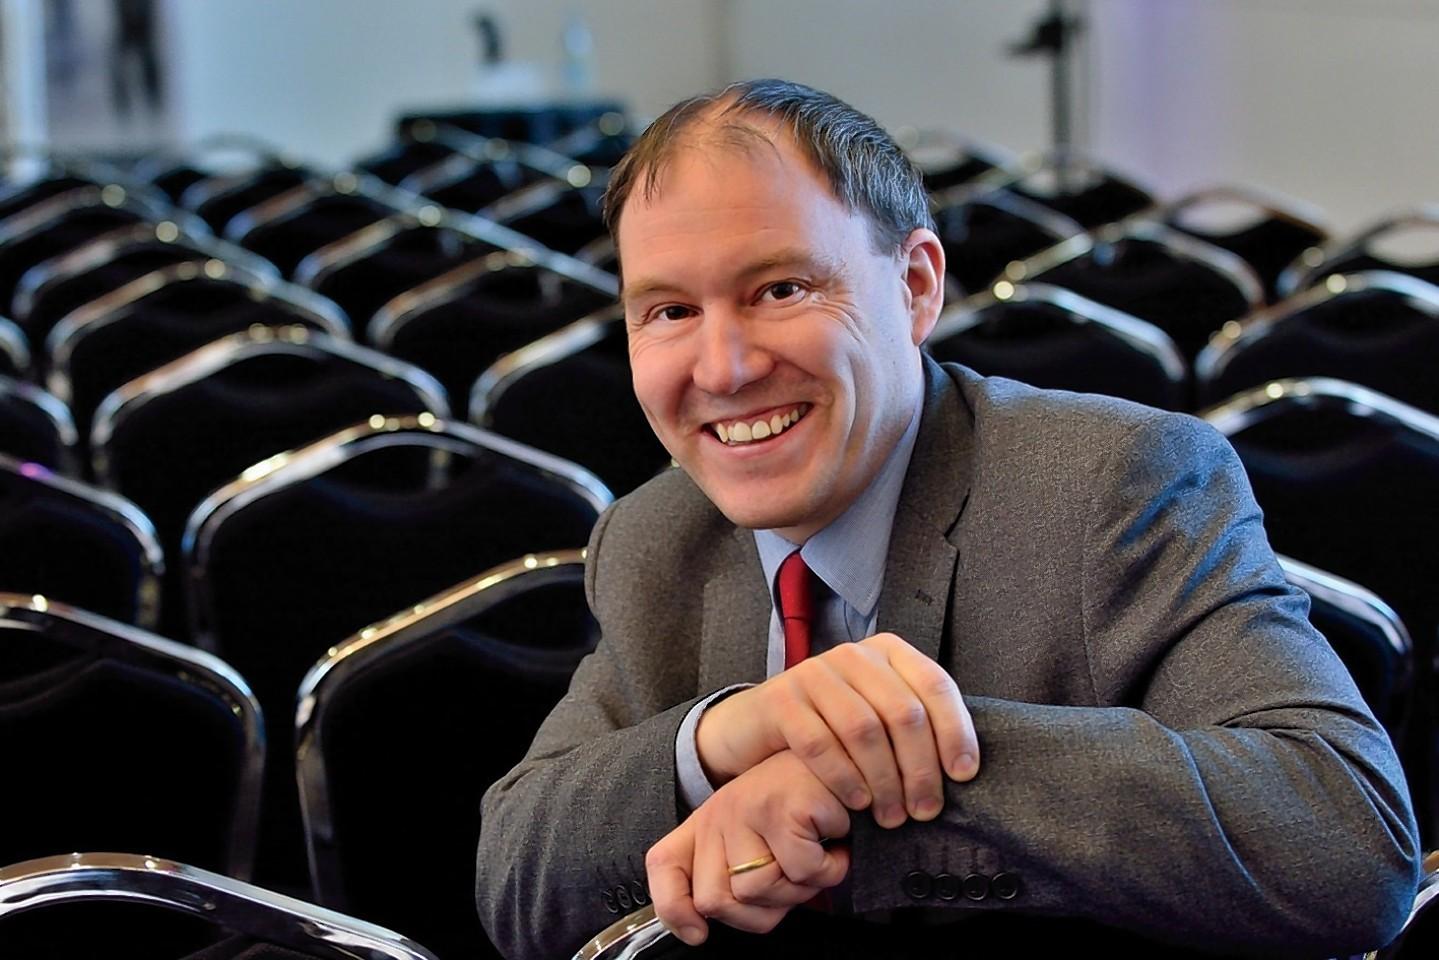 SPF director David Melhuish